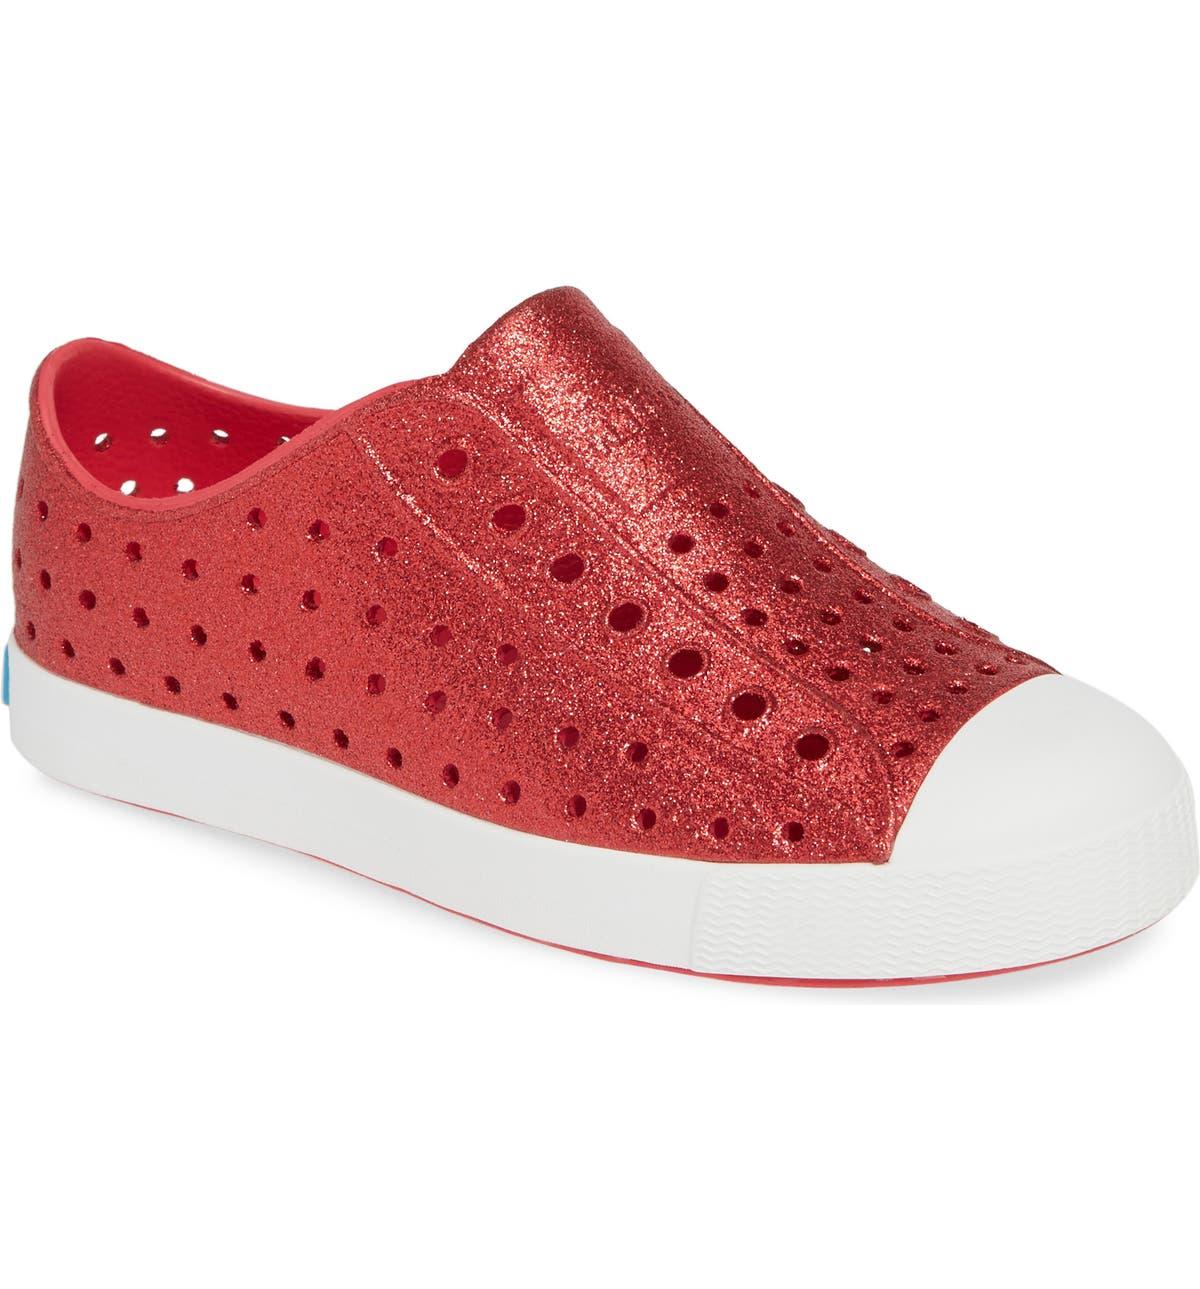 Native Shoes Jefferson Bling Glitter Slip-On Vegan Sneaker (Baby ... d36cc5f325fb